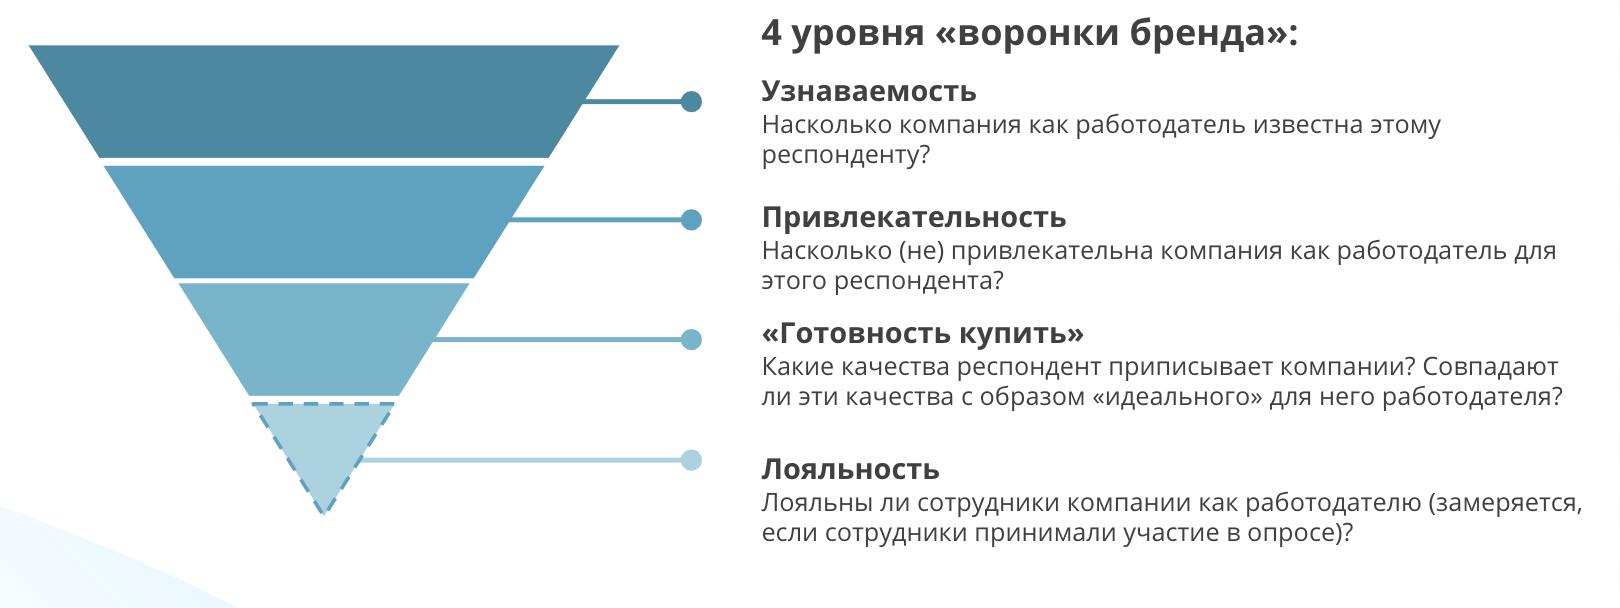 Топ-20 самых сильных IT-брендов работодателей России и как мы их нашли: подводим итоги исследования - 2